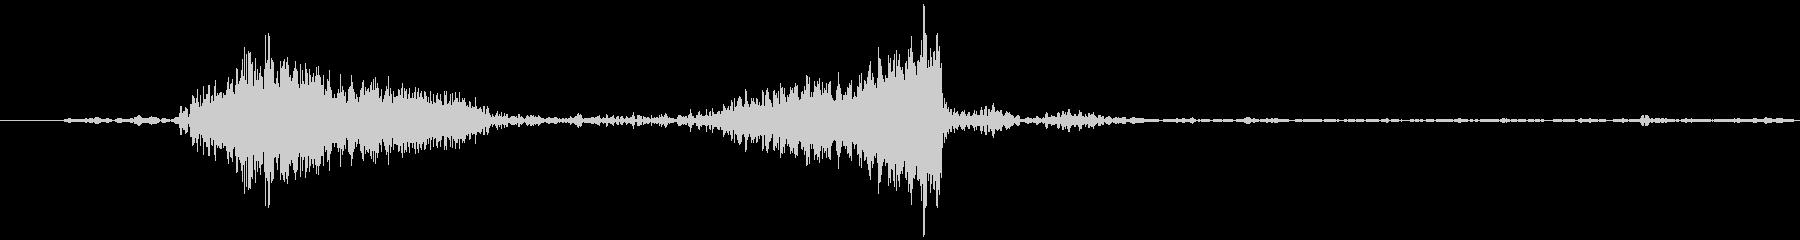 レコードのスクラッチ音です。正回転、逆…の未再生の波形